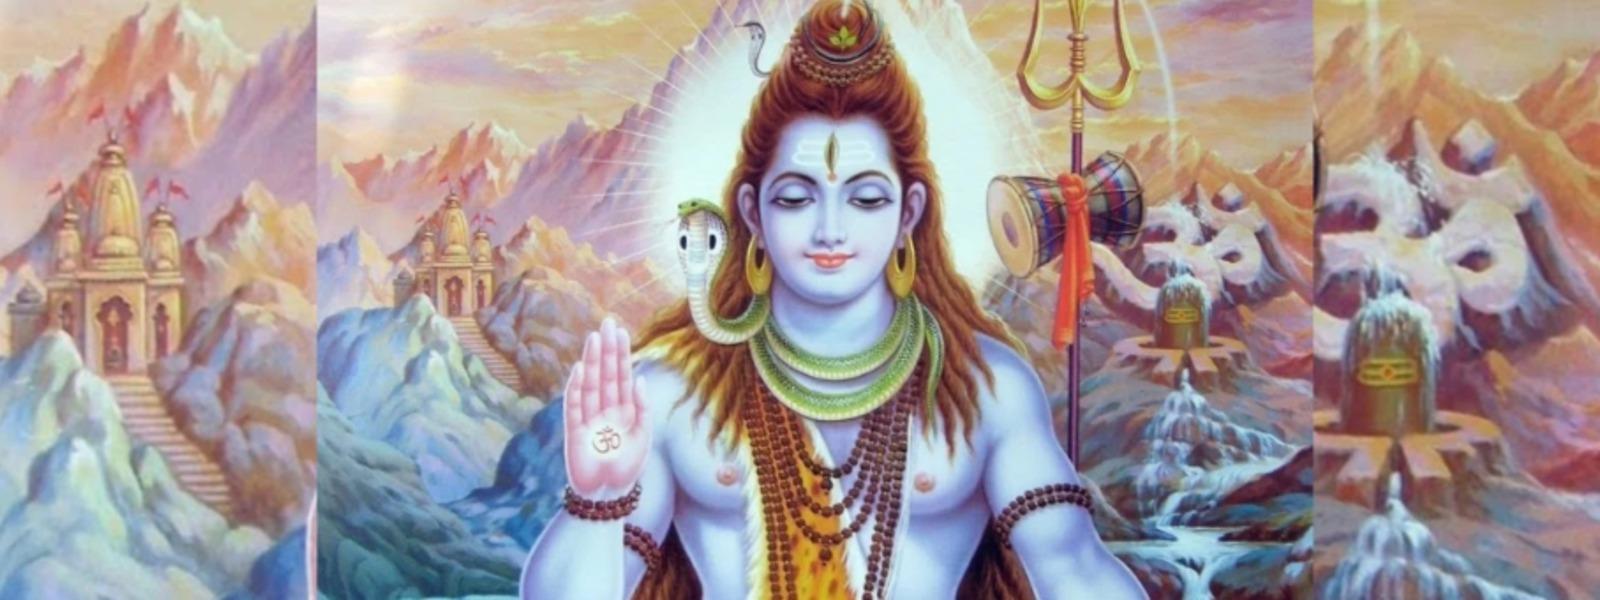 Maha Shivaratri Day: Blessings of Lord Shiva sought to achieve peace – President